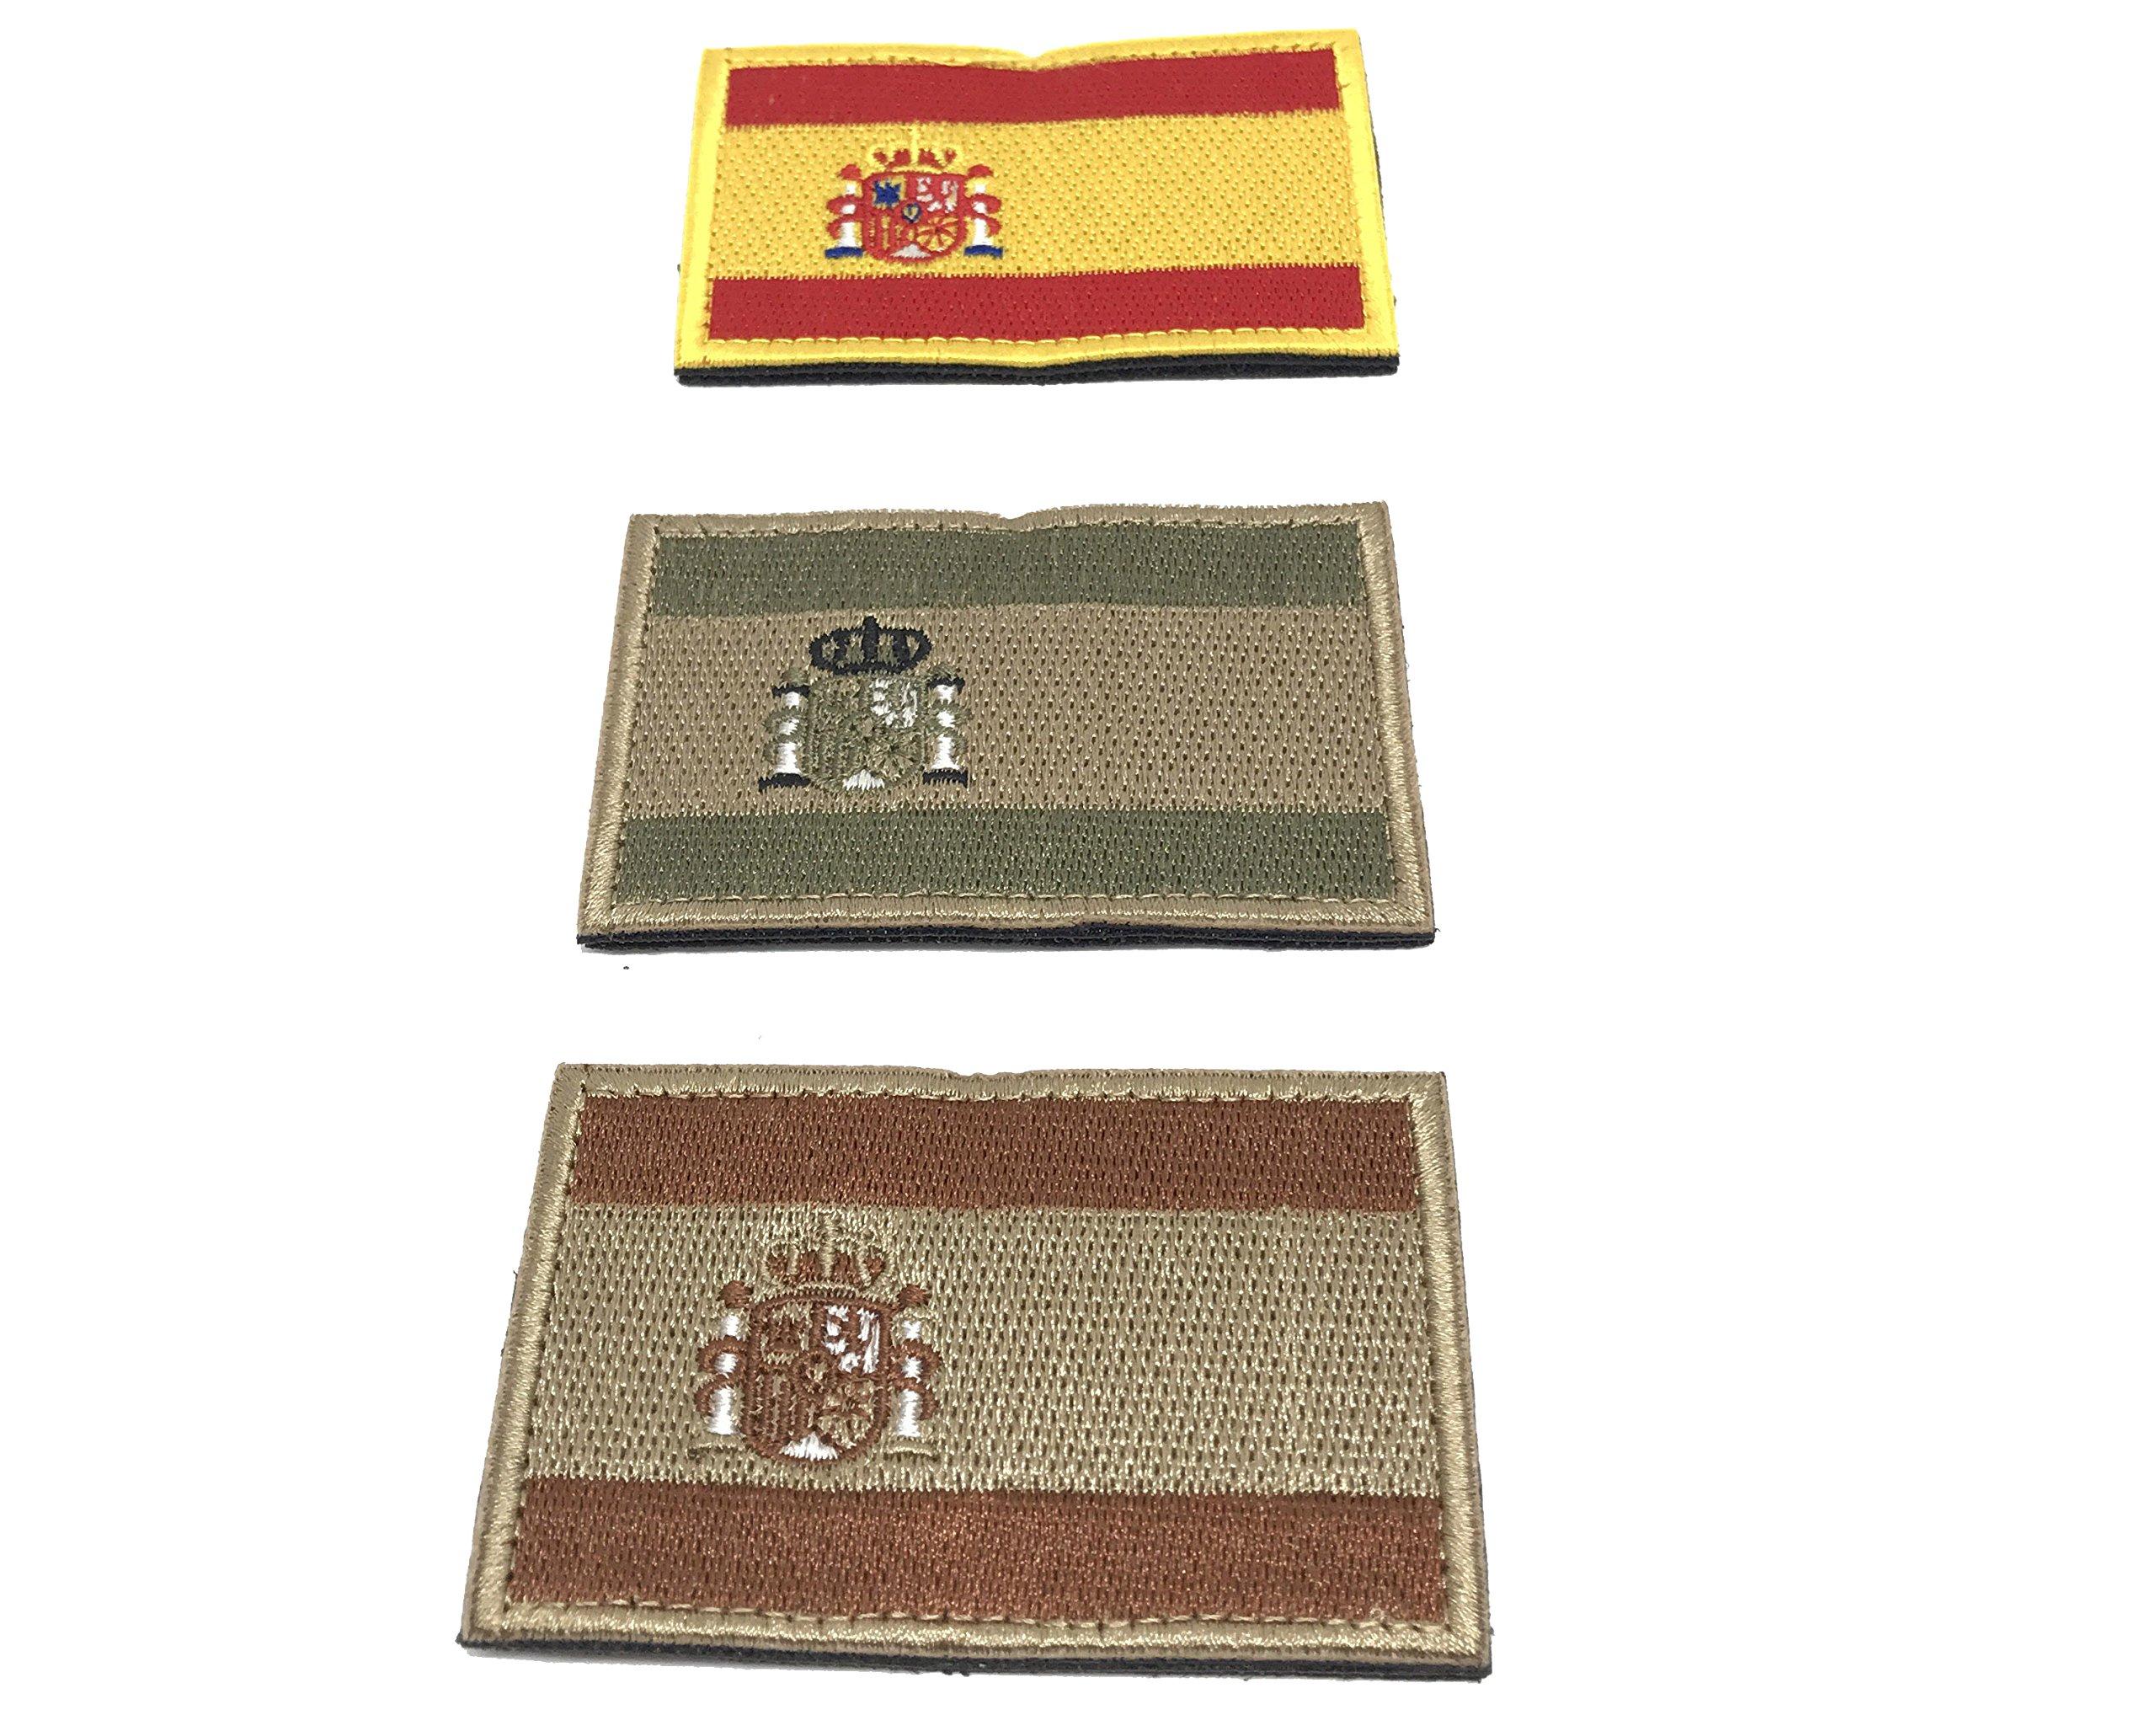 91ybyXDMXrL - Kit 3 x Parches España Velcro x España Bandera Táctico bandera con velcro podría ser pegado a la ropa, chaleco, gorra, mochila Directamente